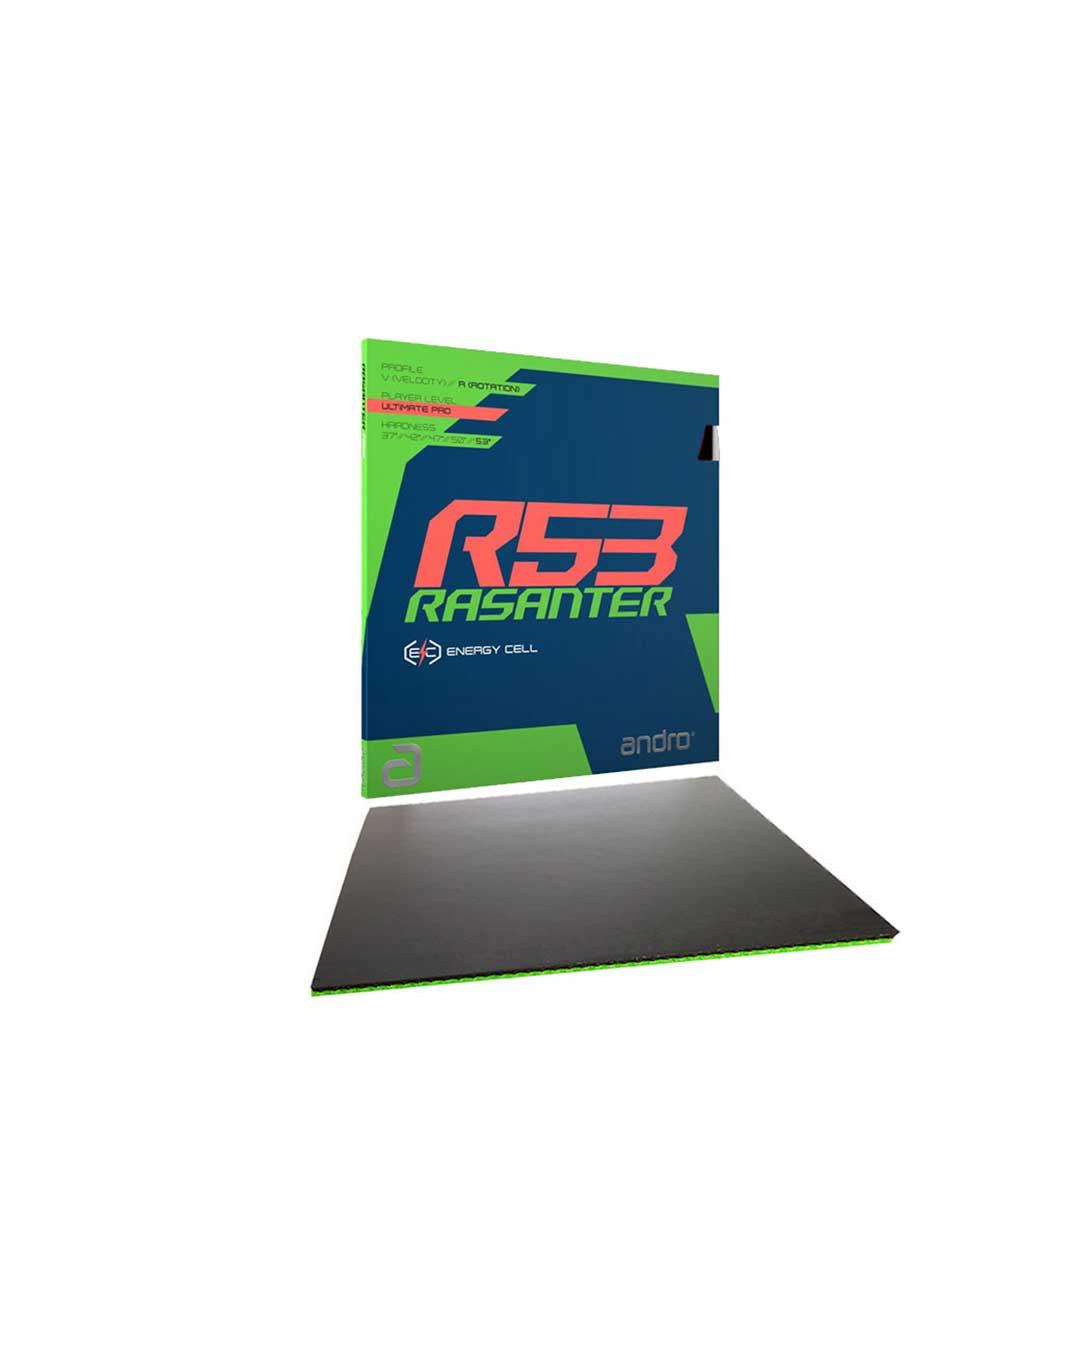 Goma tenis de mesa Rasanter R53 negro